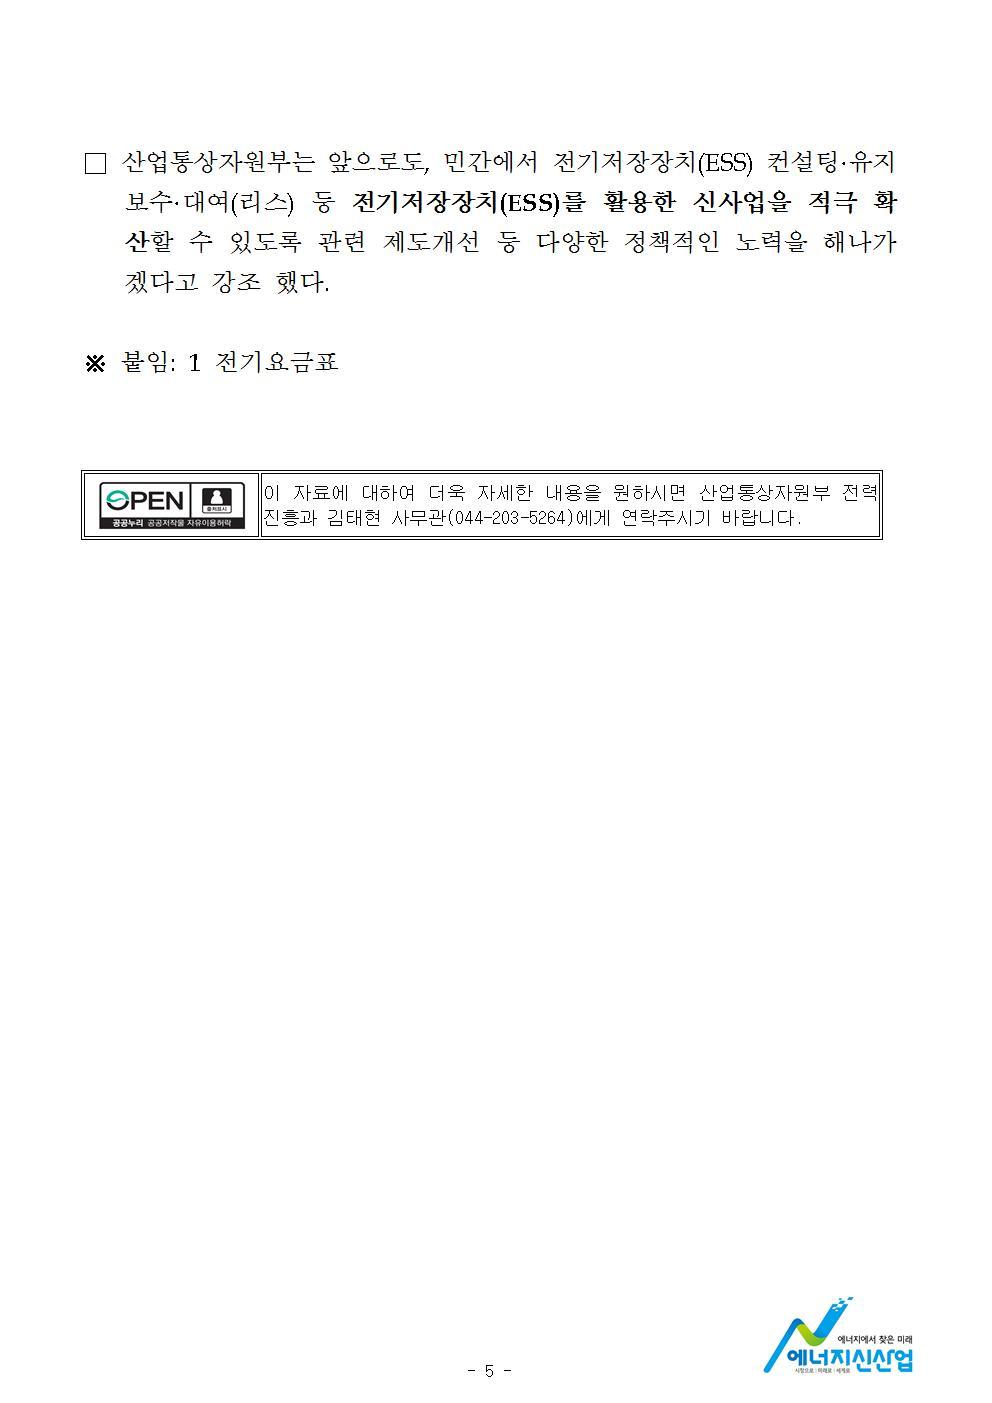 160322 (23일조간) 전력진흥과, 전기저장장치 쓰면 쓸수록 전기요금 절감.pdf [490.7 KB]005.jpg